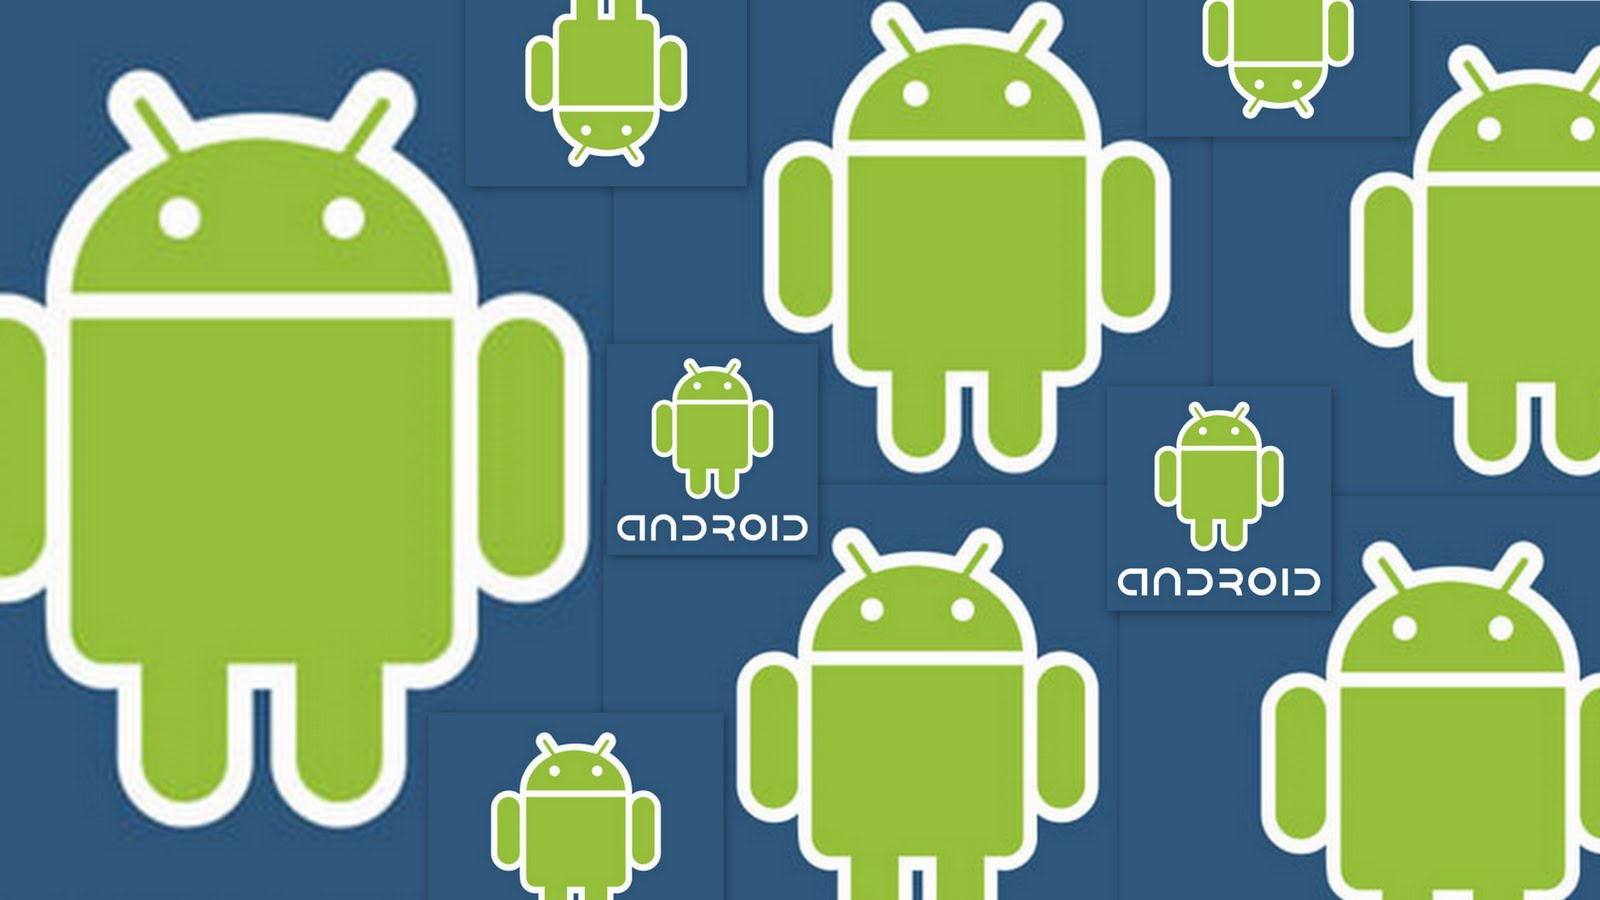 Quiz Android in italiano: quanto conosci l'OS di Google?